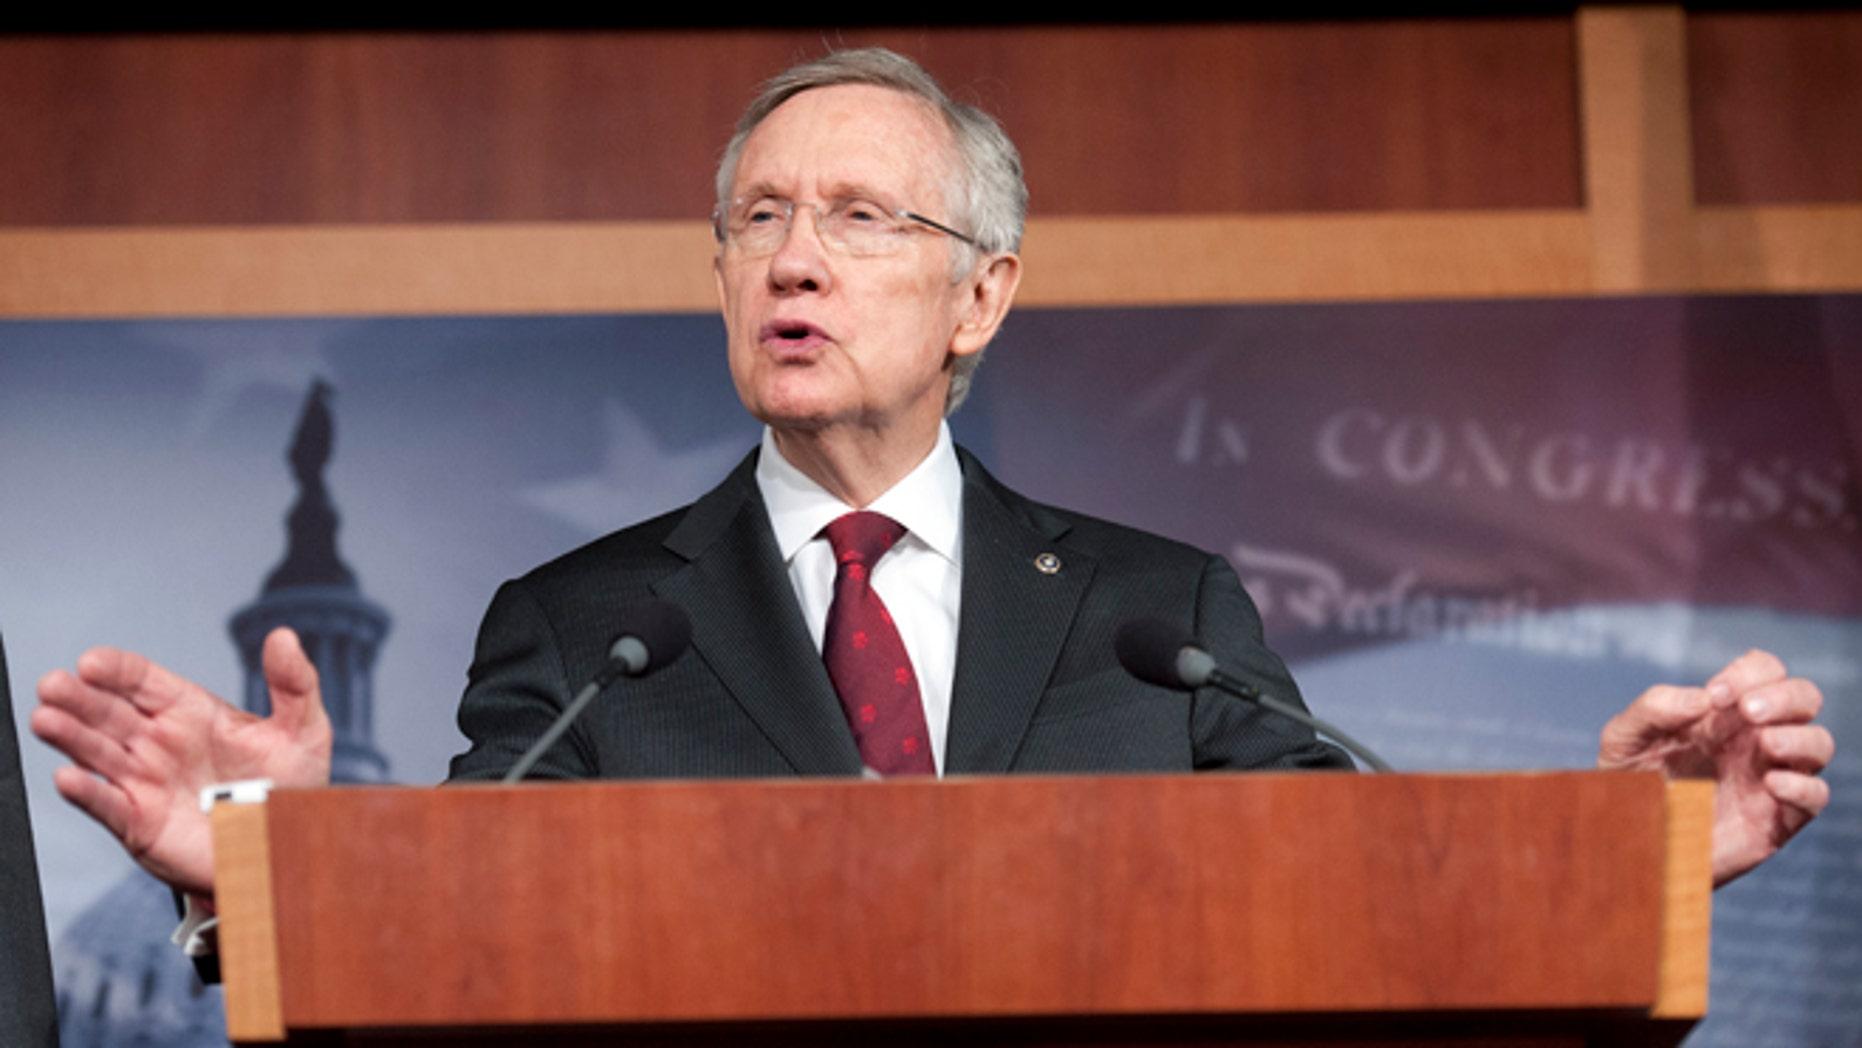 March 14, 2013: Senate Majority Leader Harry Reid speaks on Capitol Hill in Washington.